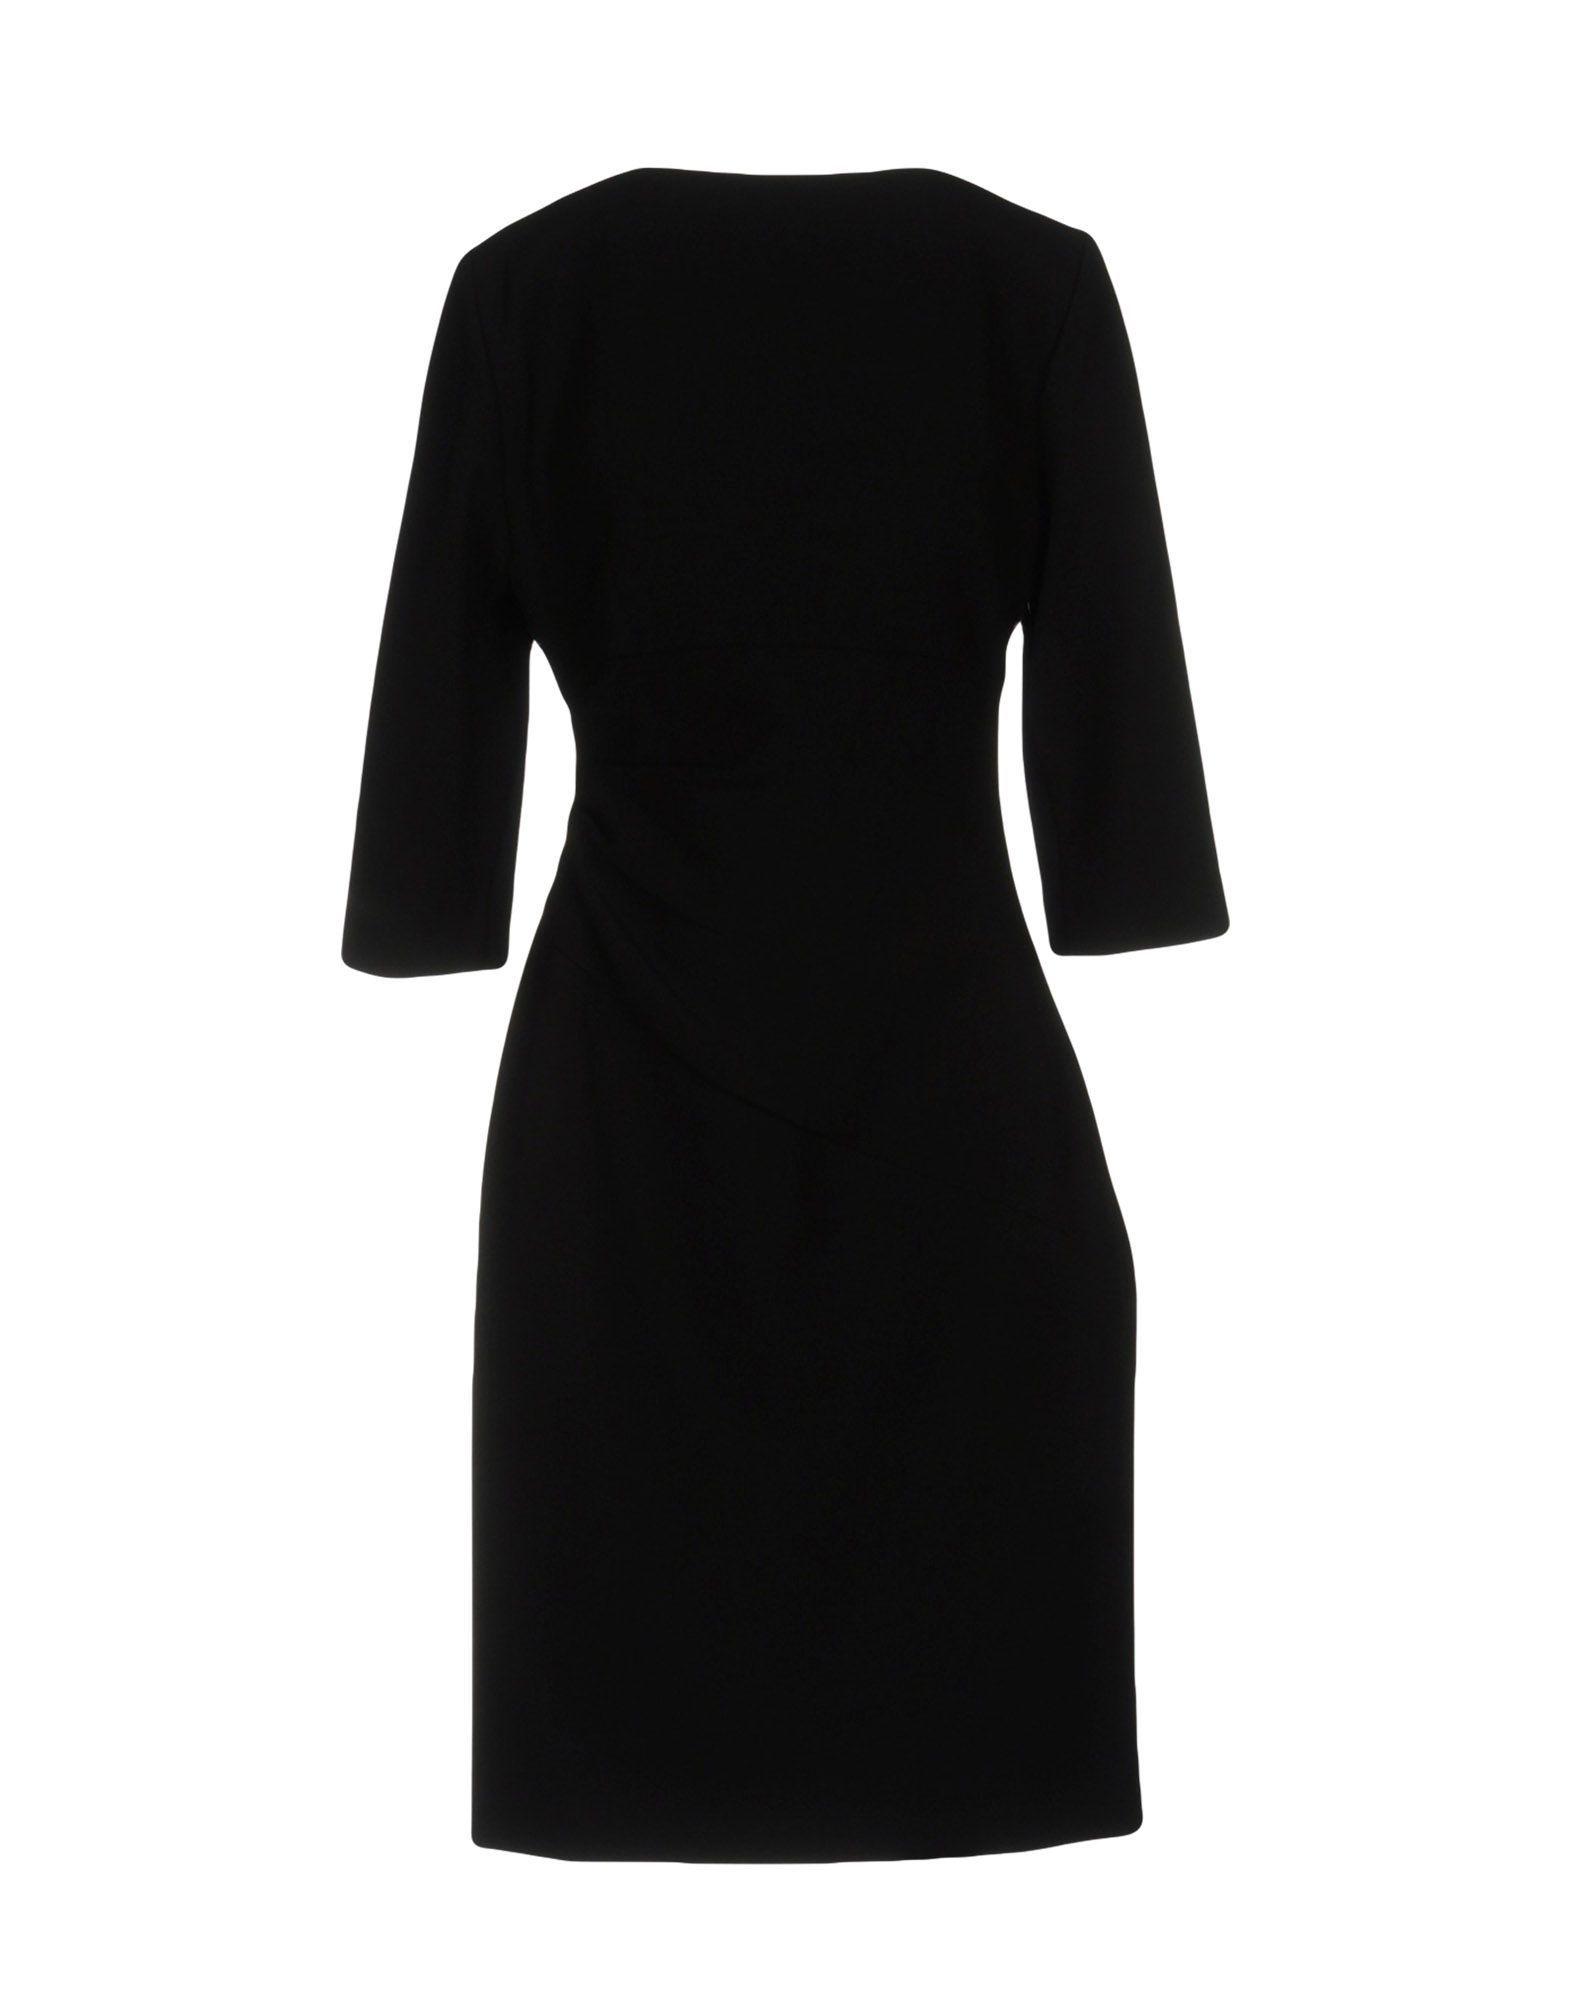 Diane Von Furstenberg Black Three Quarter Sleeve Dress